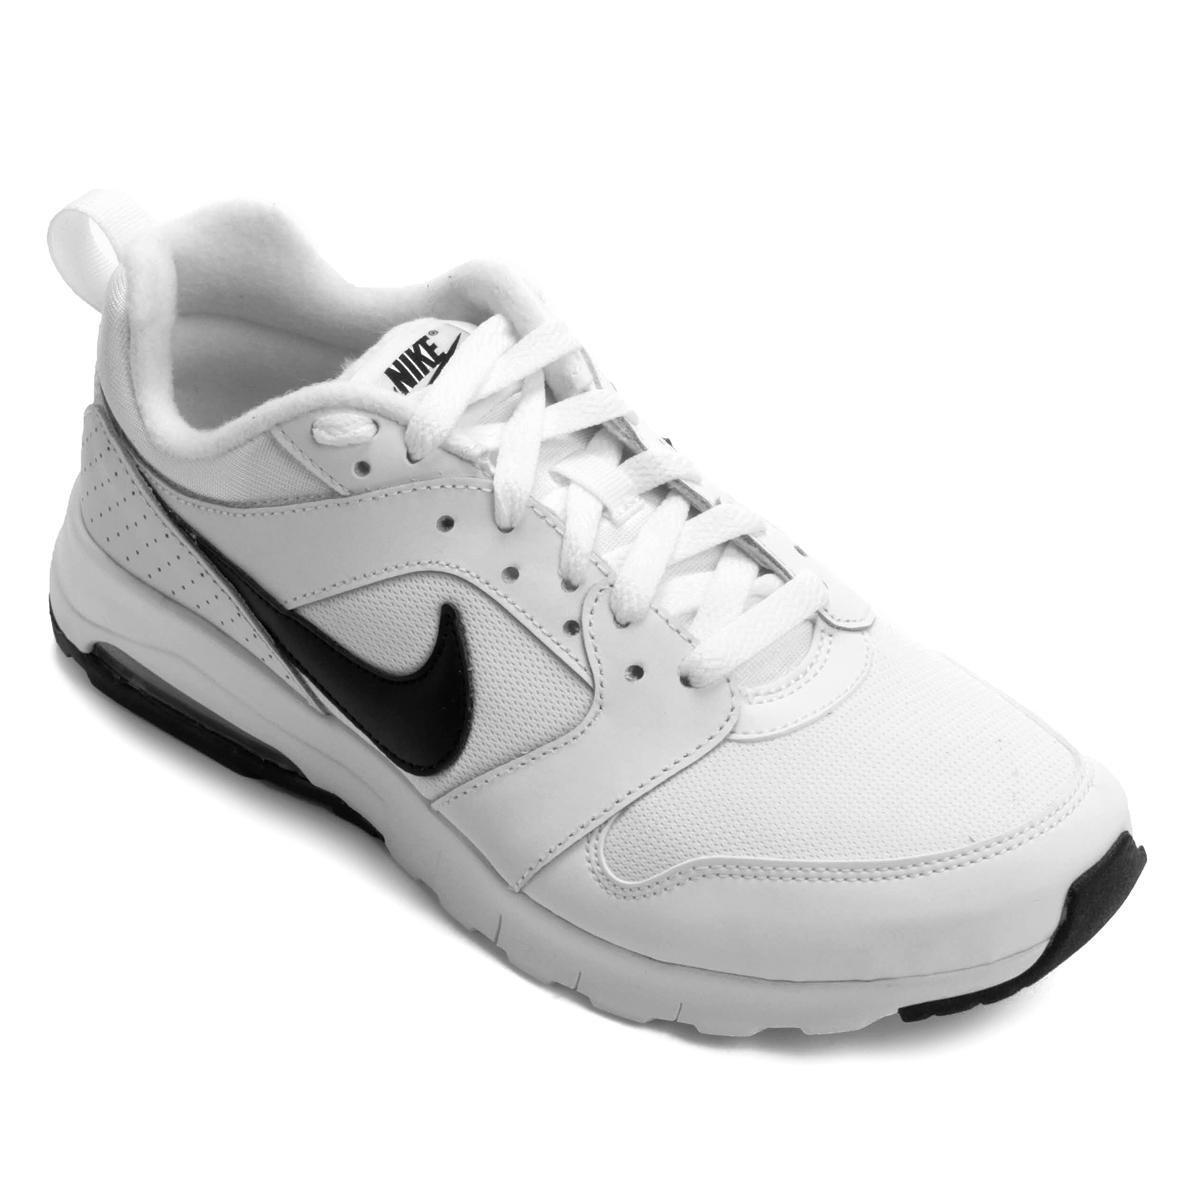 b844e5300b5 Tênis Nike Air Max Motion Masculino - Compre Agora